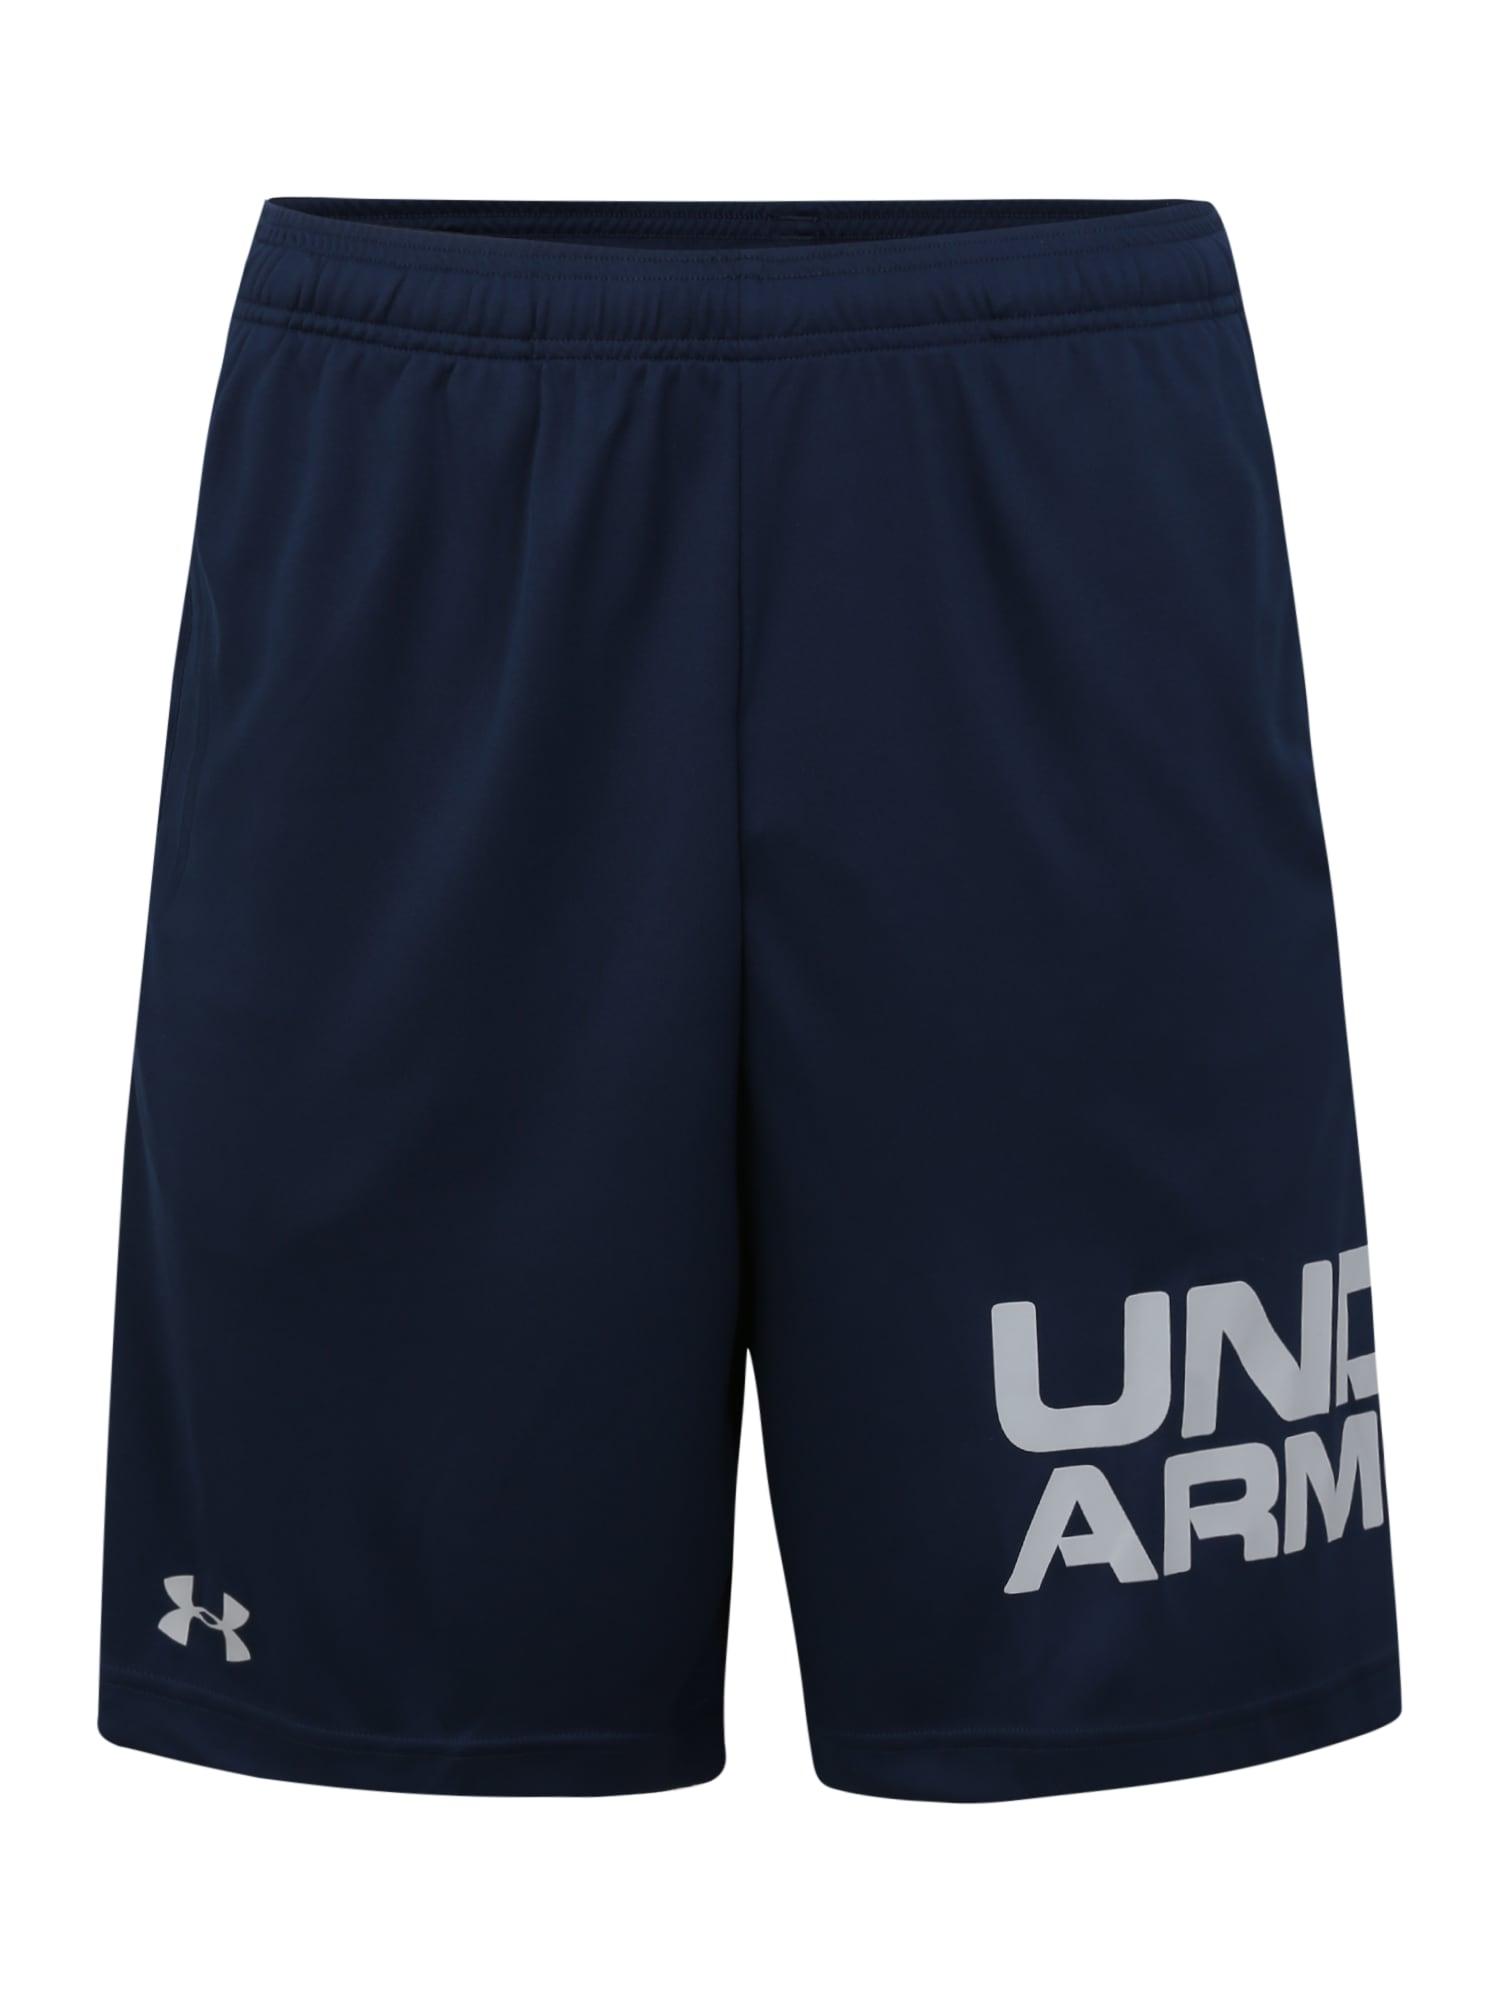 UNDER ARMOUR Sportinės kelnės pilka / tamsiai mėlyna